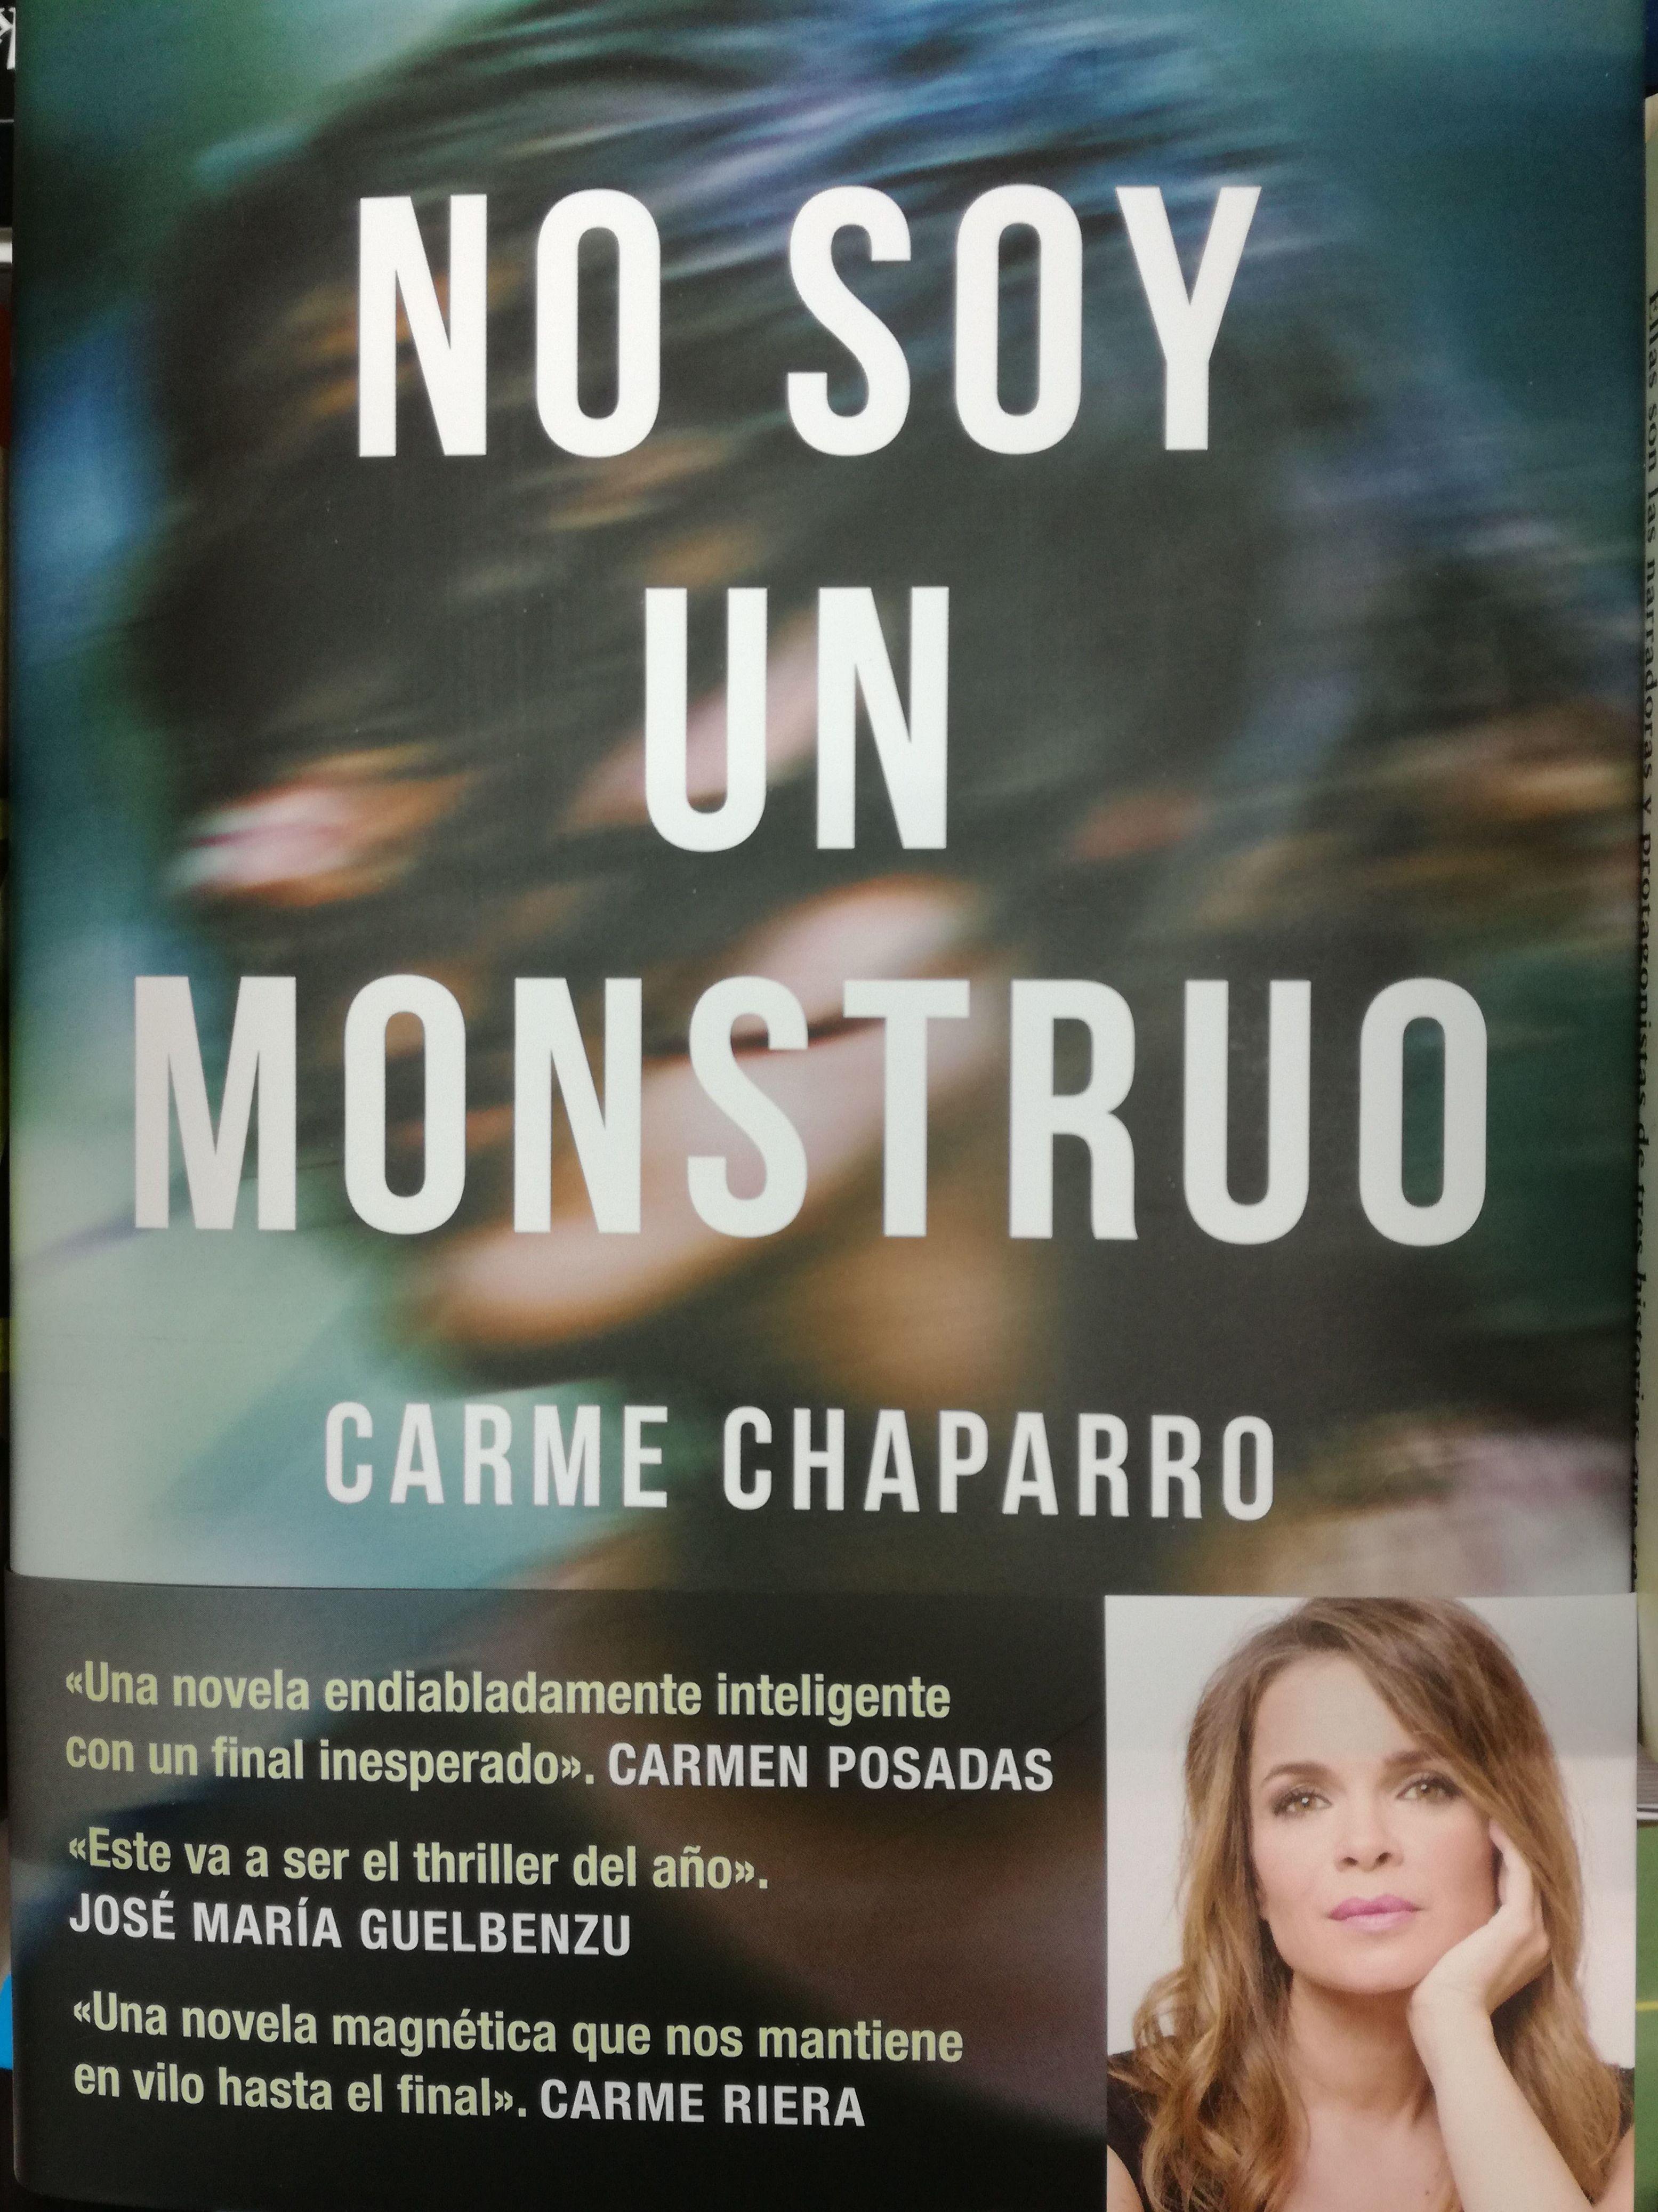 NO SOY UN MONSTRUO (PREMIO PRIMAVERA DE NOVELA 2017) : SECCIONES de Librería Nueva Plaza Universitaria